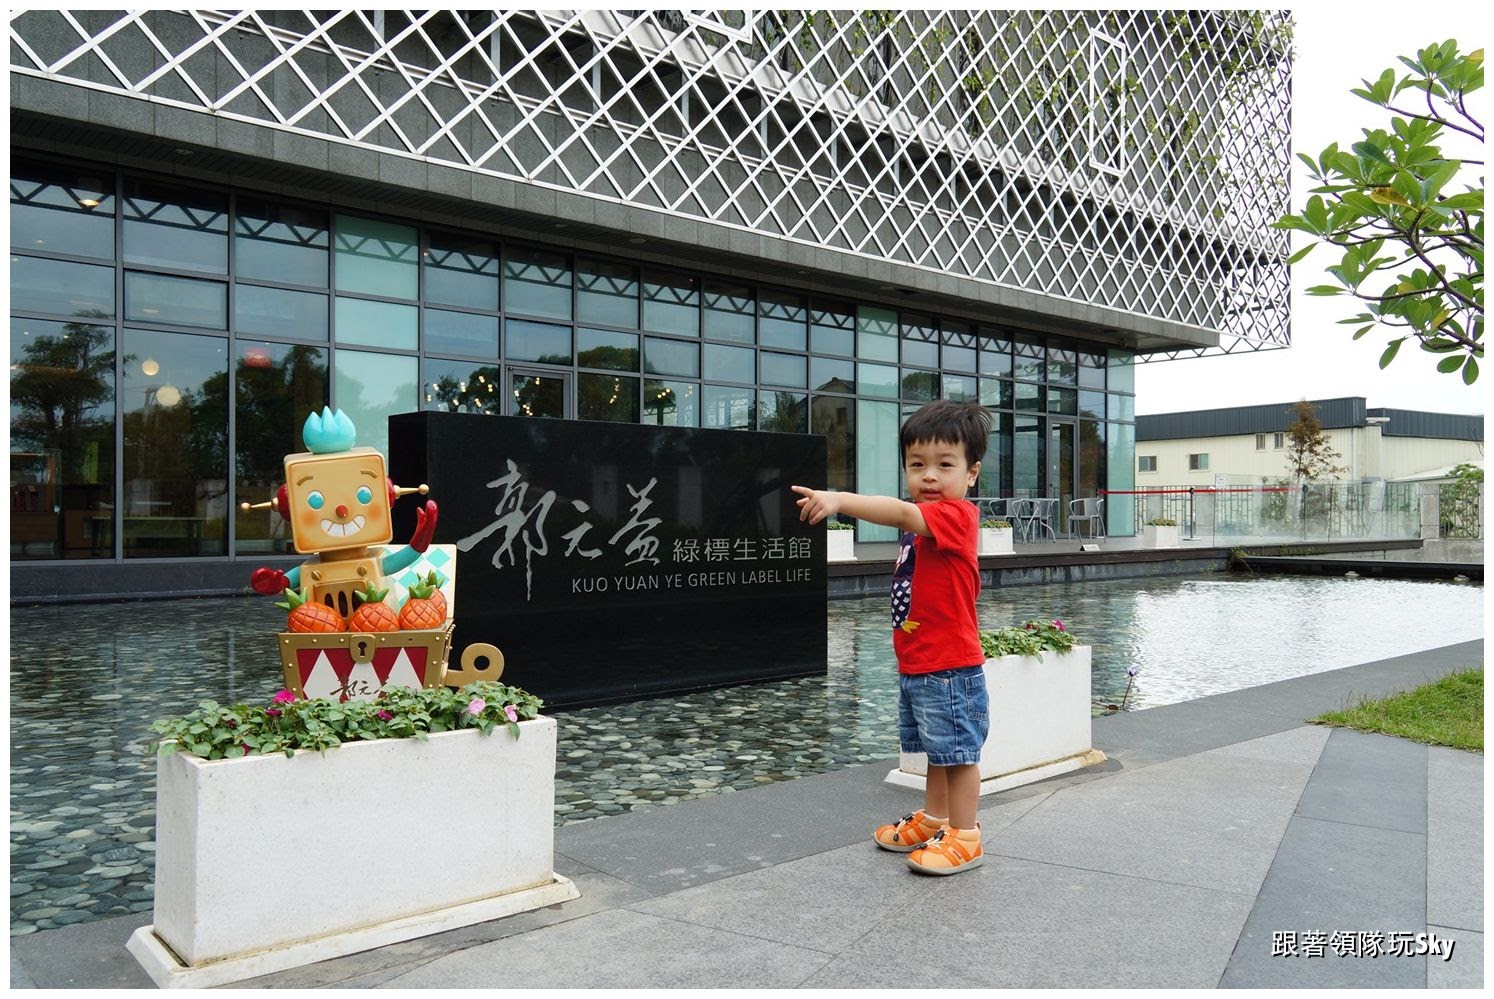 桃園景點推薦-楊梅有吃有玩的親子旅遊【郭元益觀光工廠】